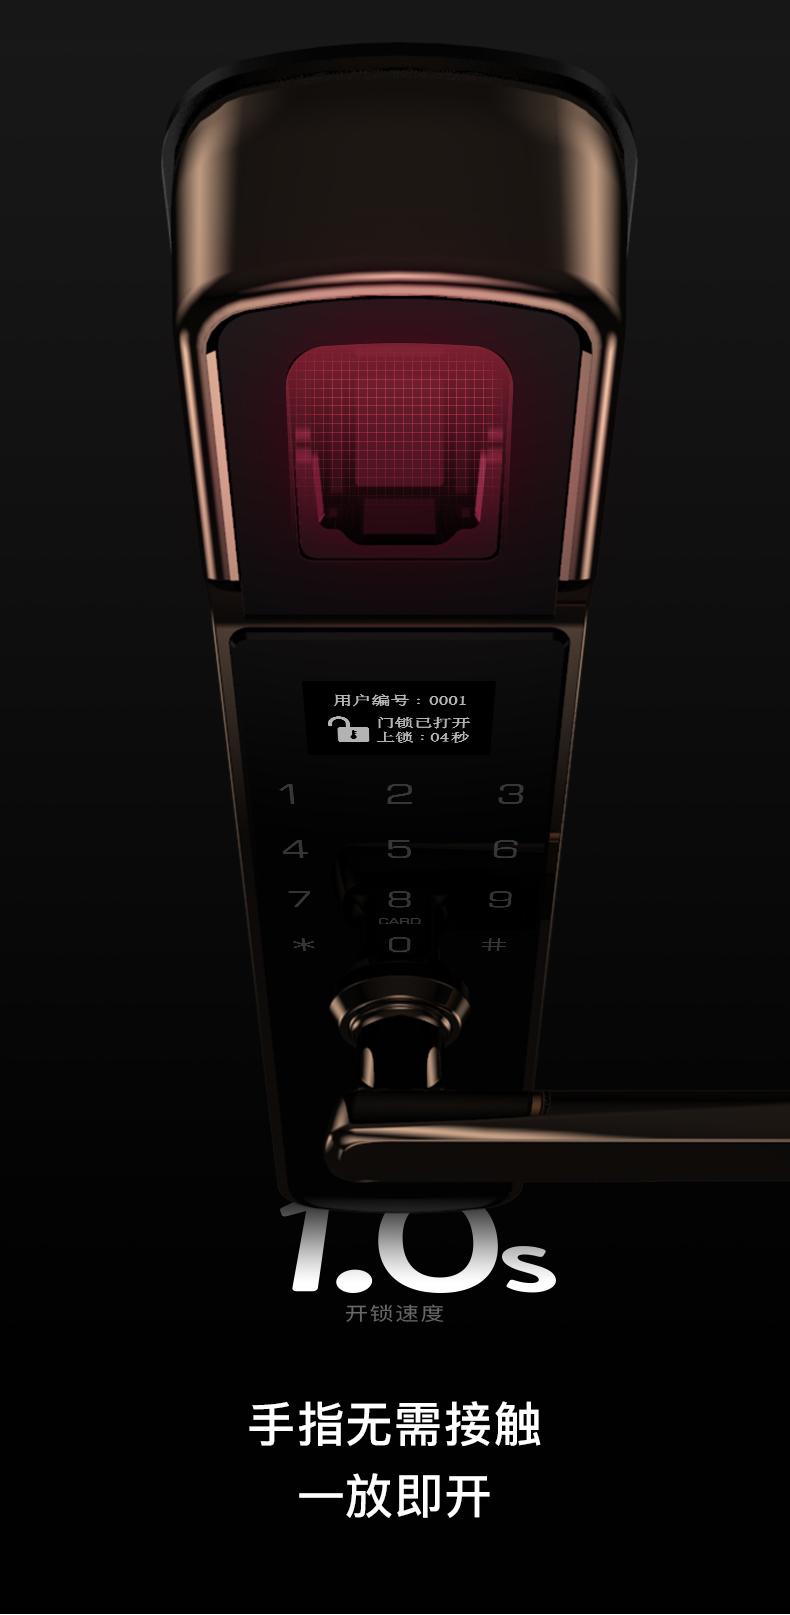 技象TP958智能锁 指静脉锁 密码 自动防盗锁 刷卡锁 指纹锁